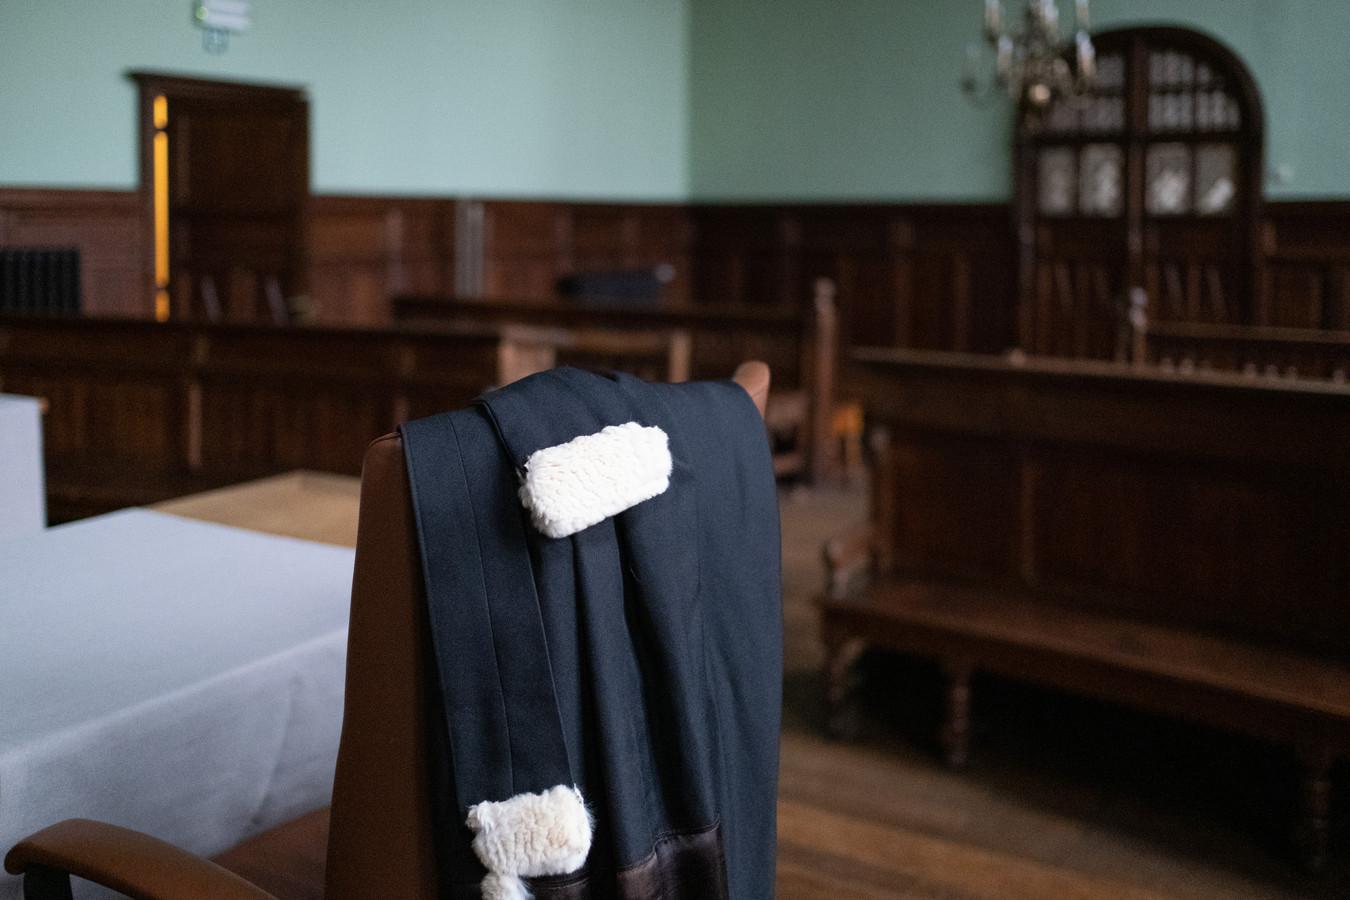 De toga van een advocaat op de correctionele zitting van de rechtbank in Mechelen.